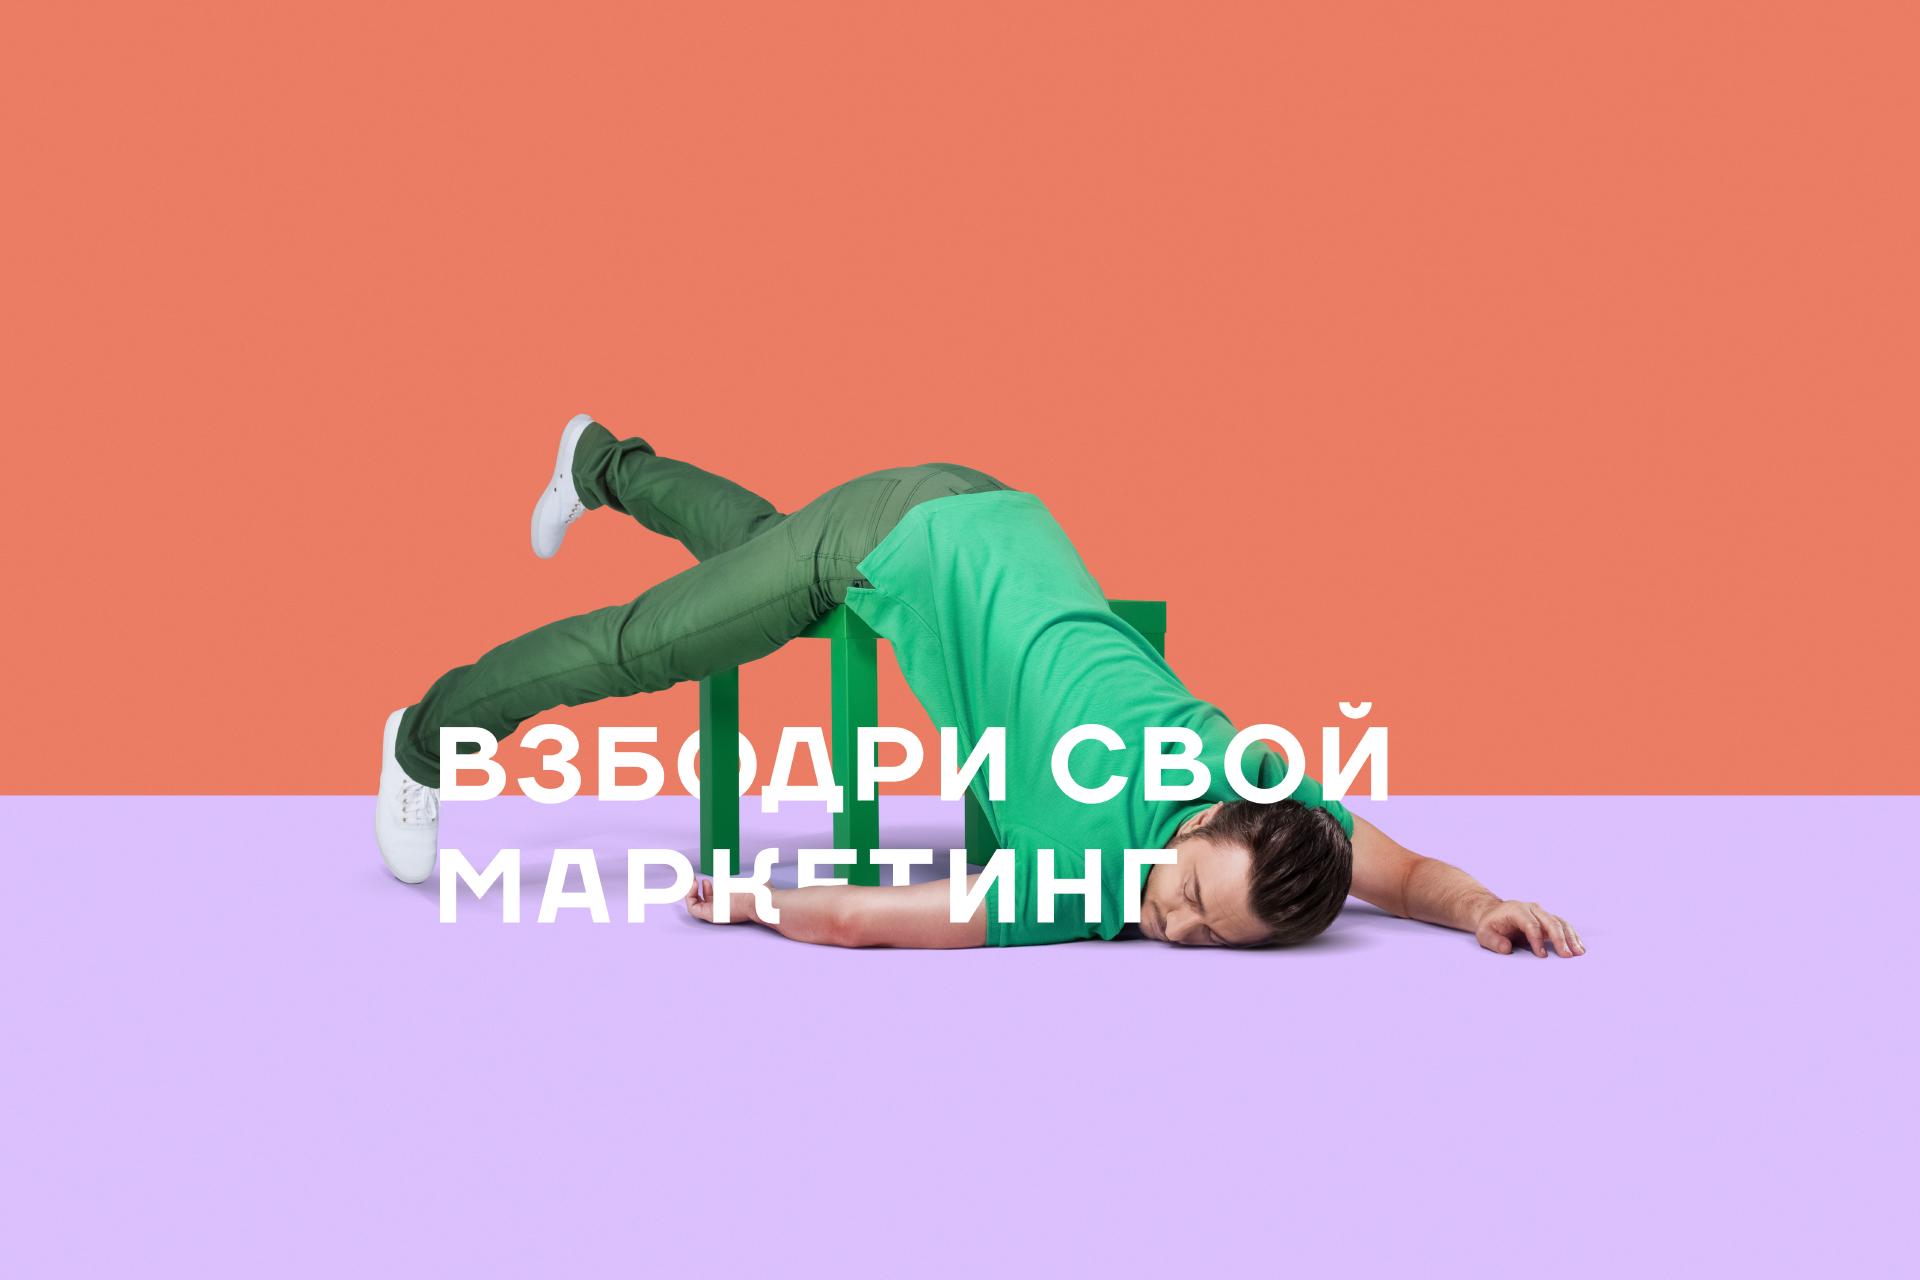 oleg-text